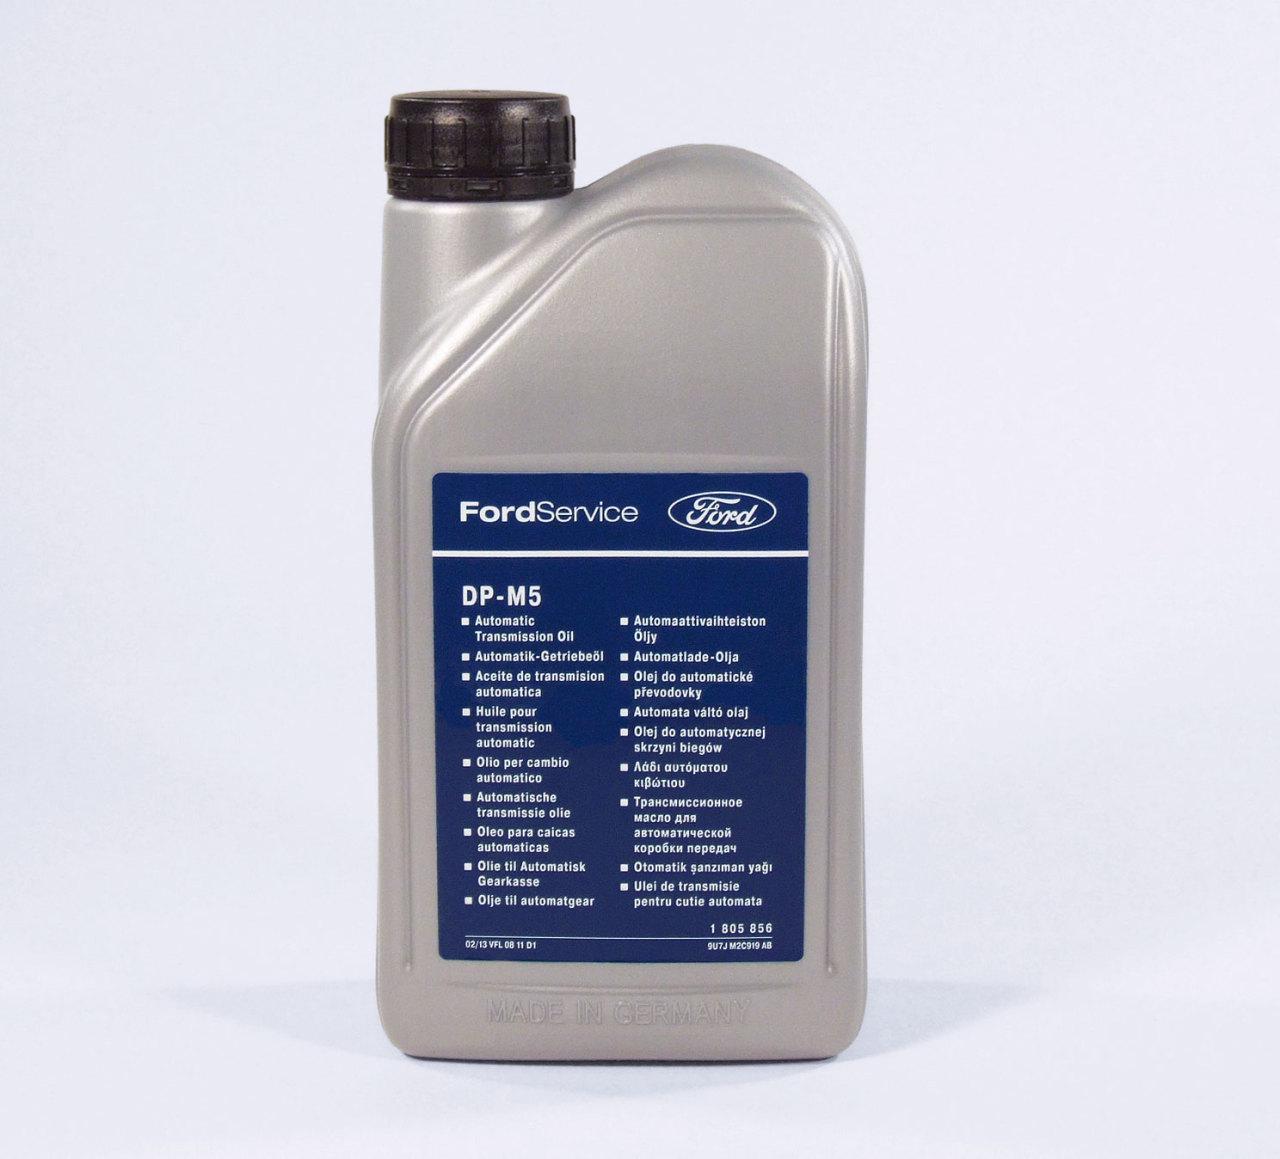 Трансмиссионное масло для автоматической коробки передач Ford DP-M5, 1л WSS-M2C919-E